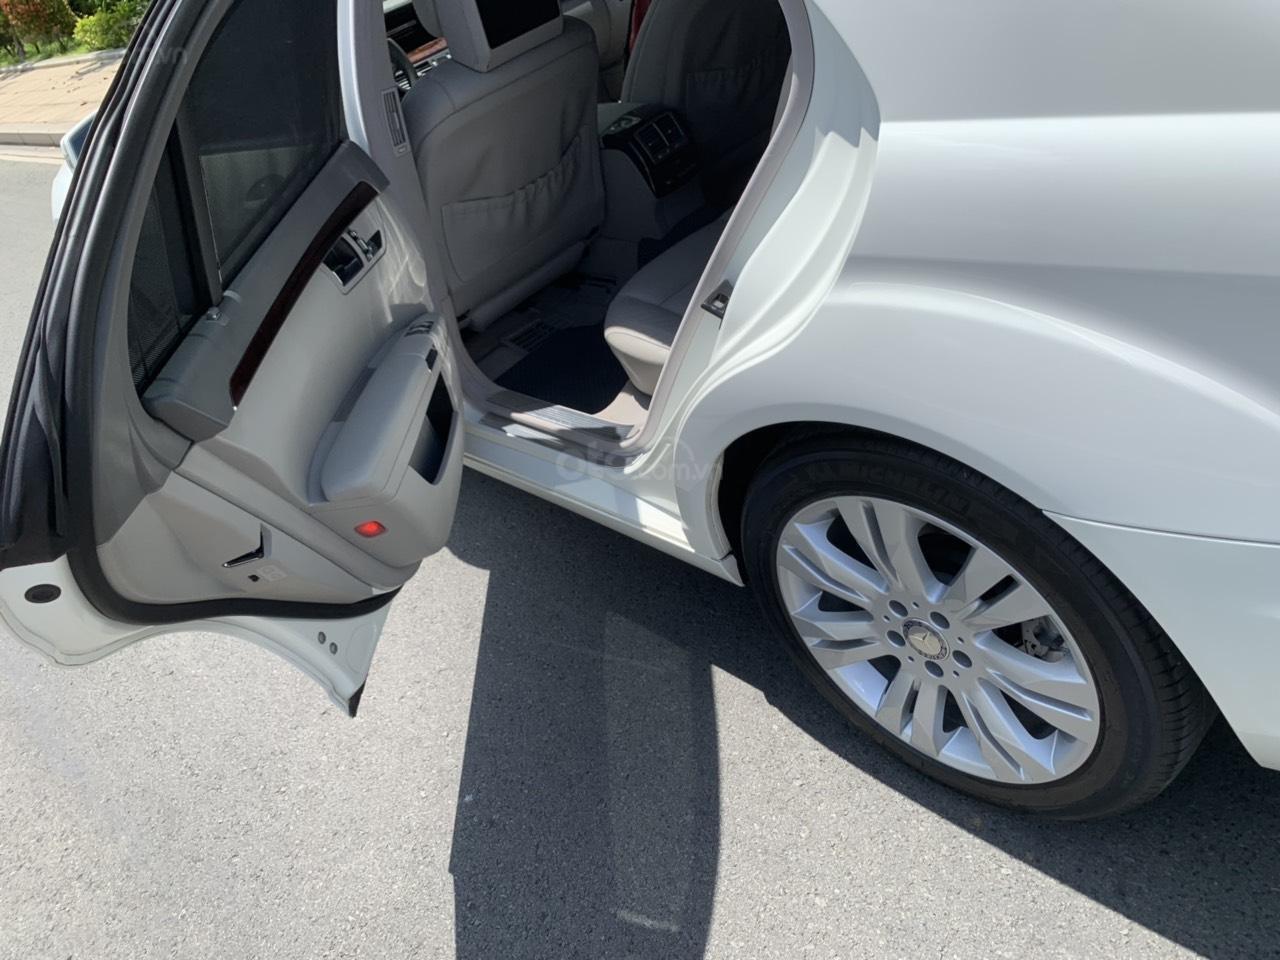 Mercedes S400 Hybrid 2012 nhập khẩu màu trắng, nội thất kem-14